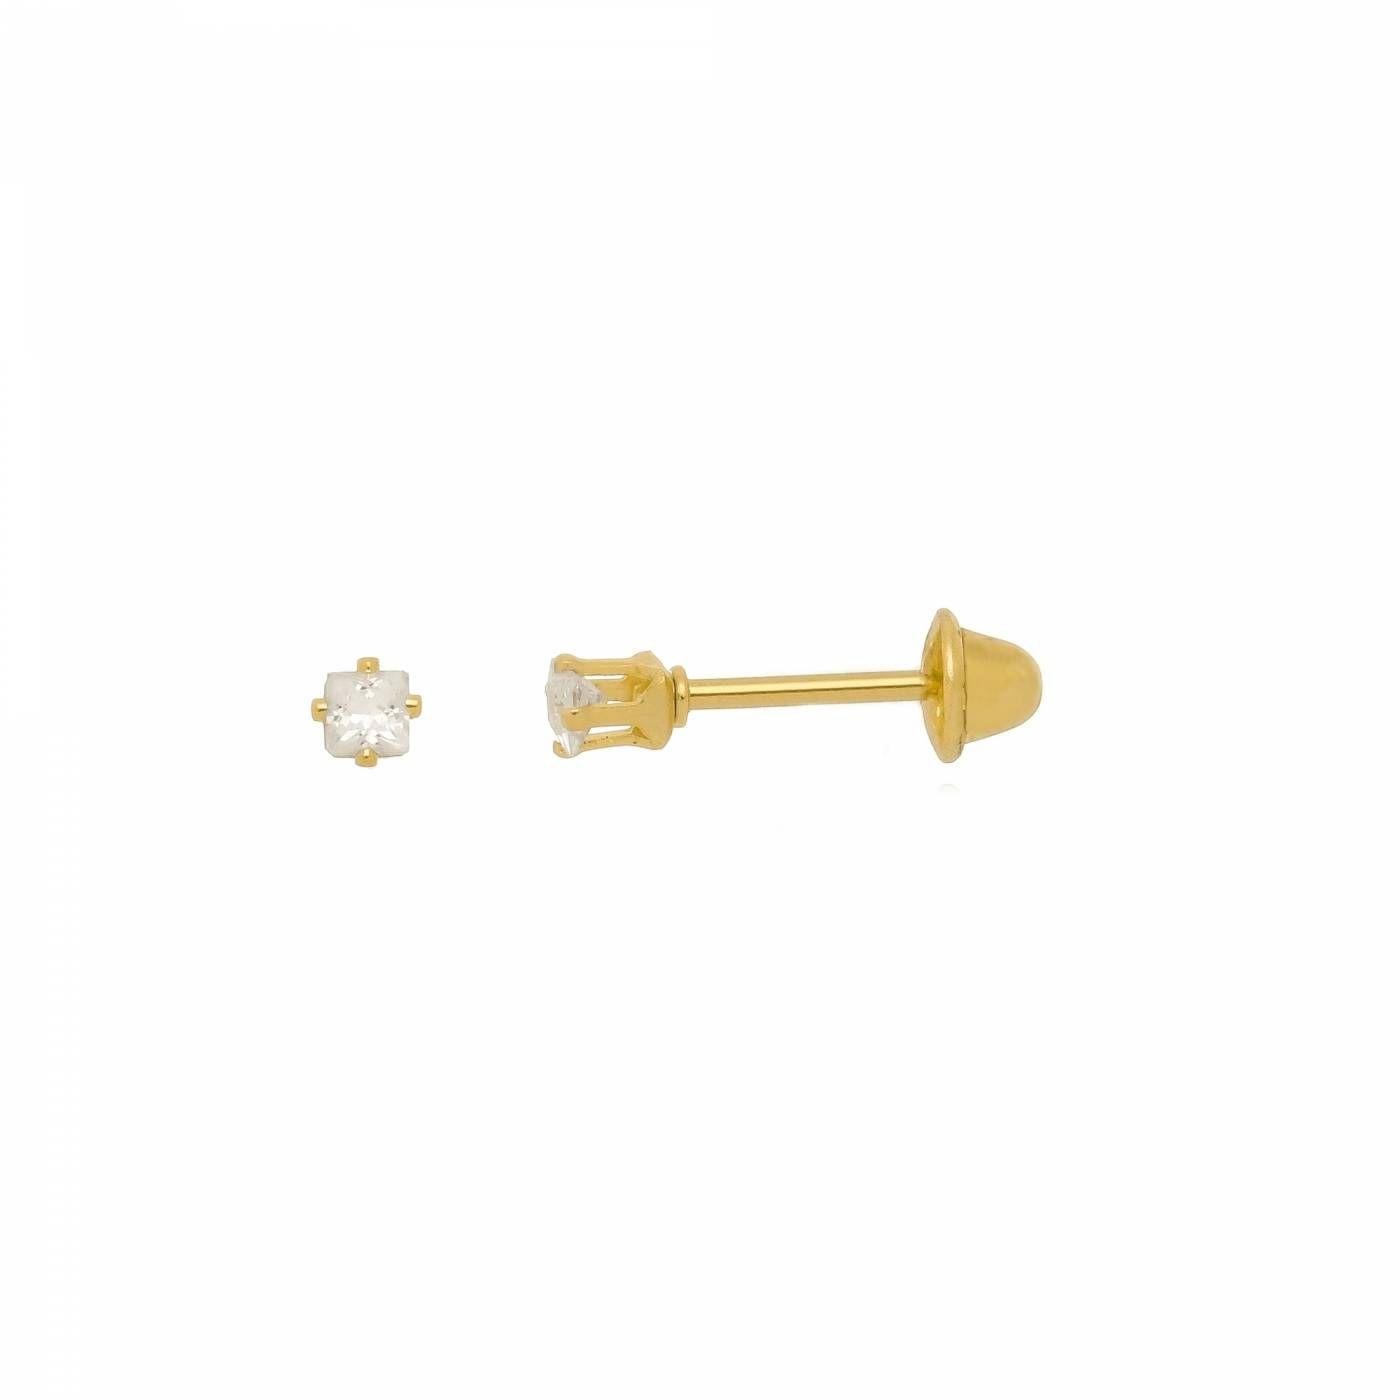 Brinco Micro Ponto de Luz Quadrado Folheado a Ouro 18K